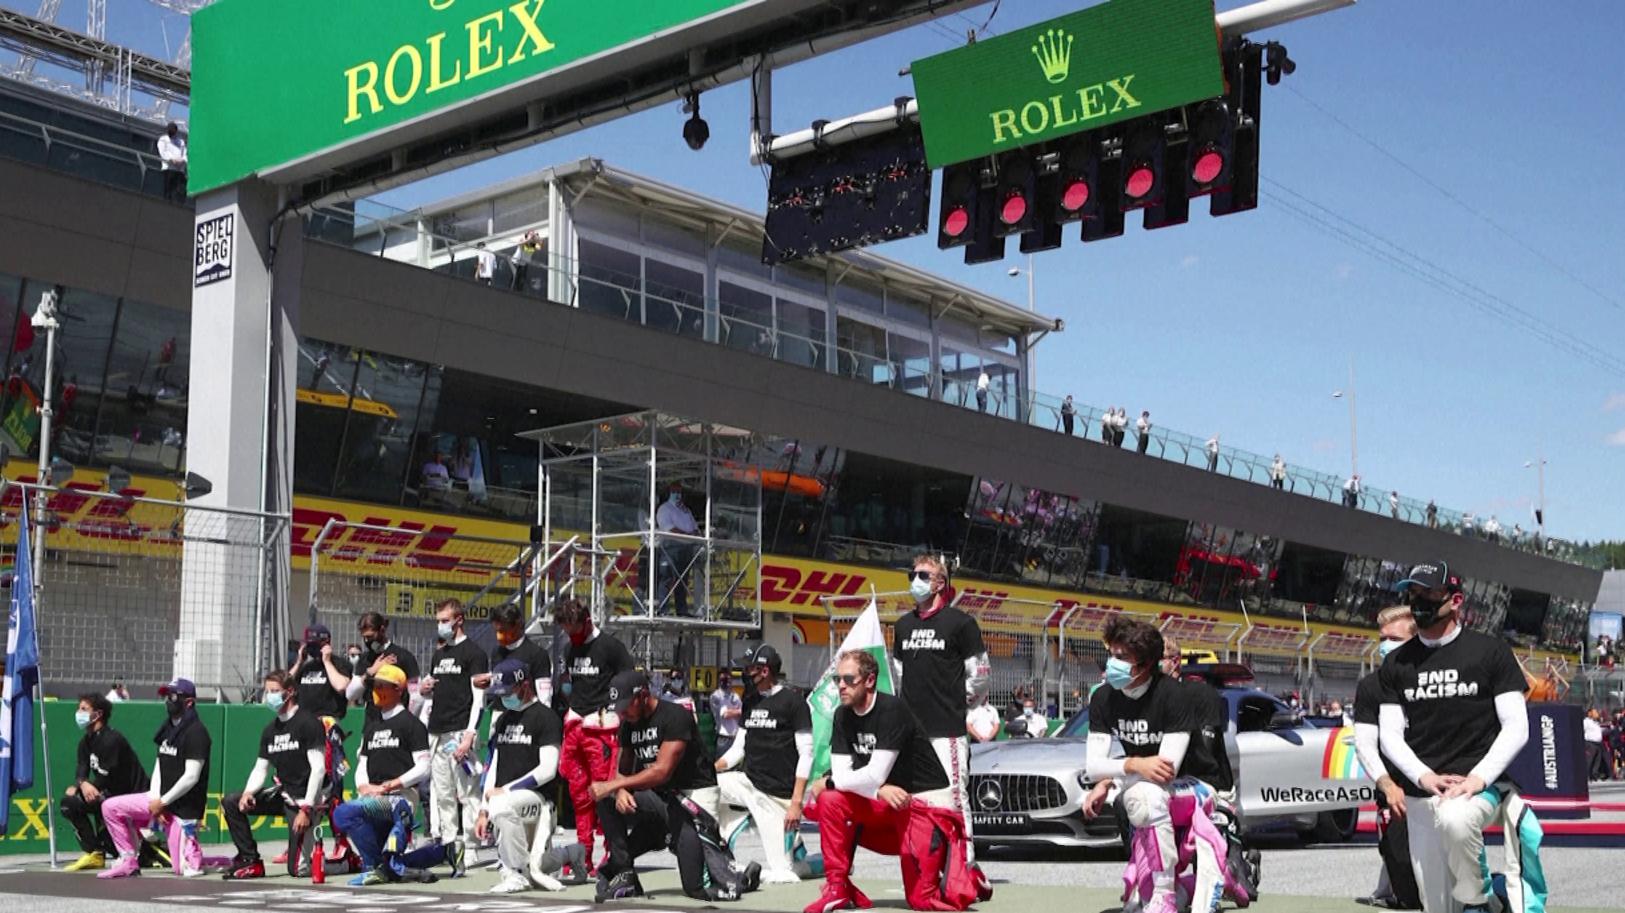 14 dos 20 pilotos da F1, incluindo Lewis Hamilton, ajoelharam durante hino